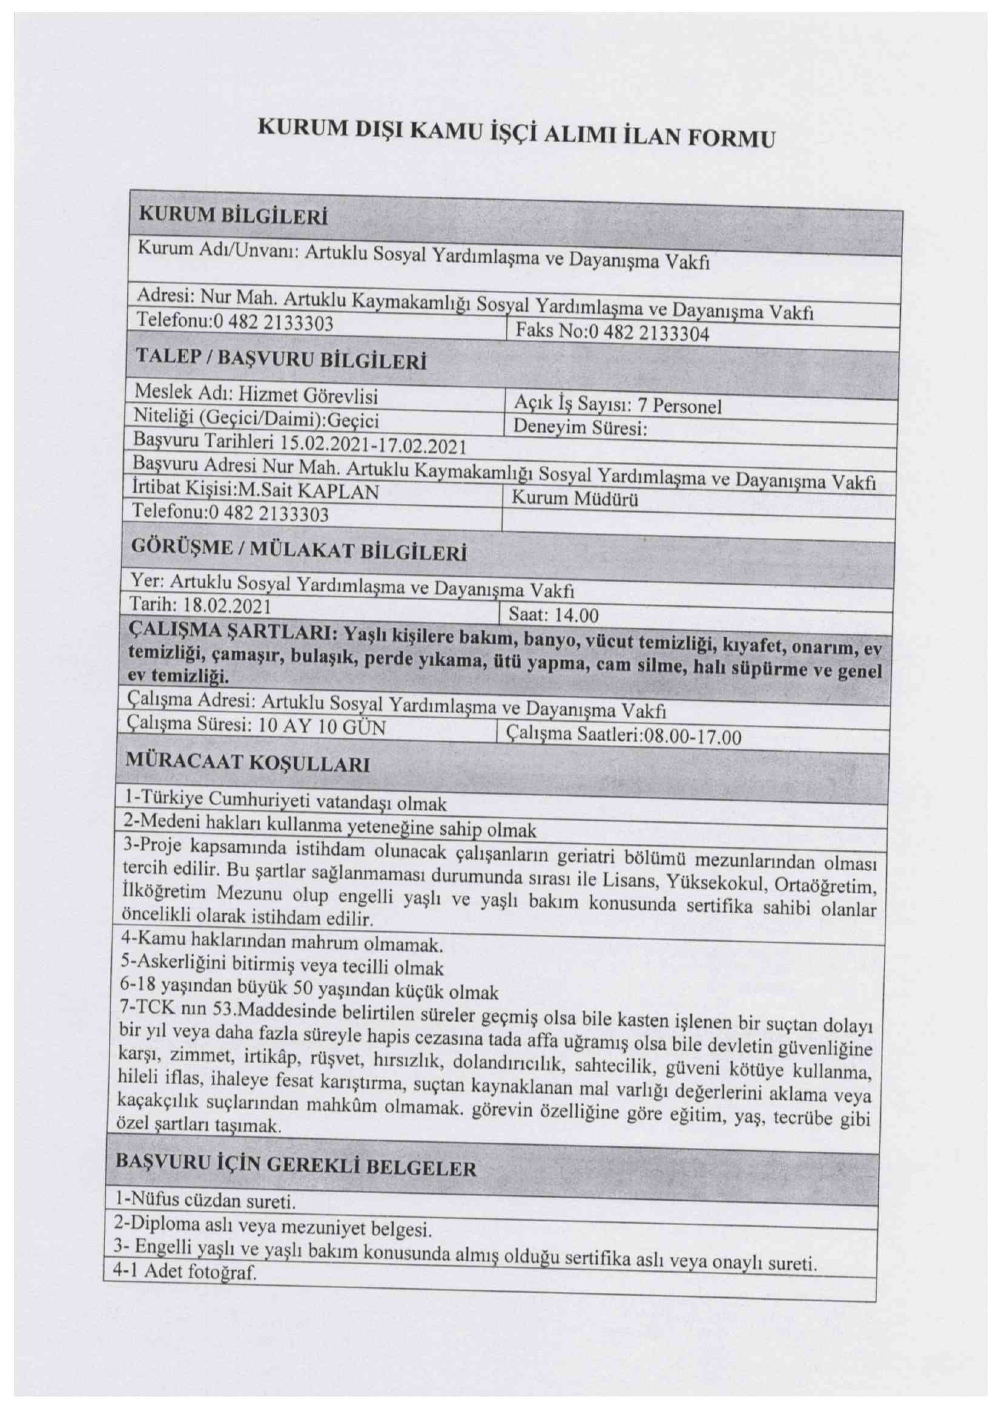 mardin-artuklu-sydv-personel-alimi-17-02-2021-000001.png